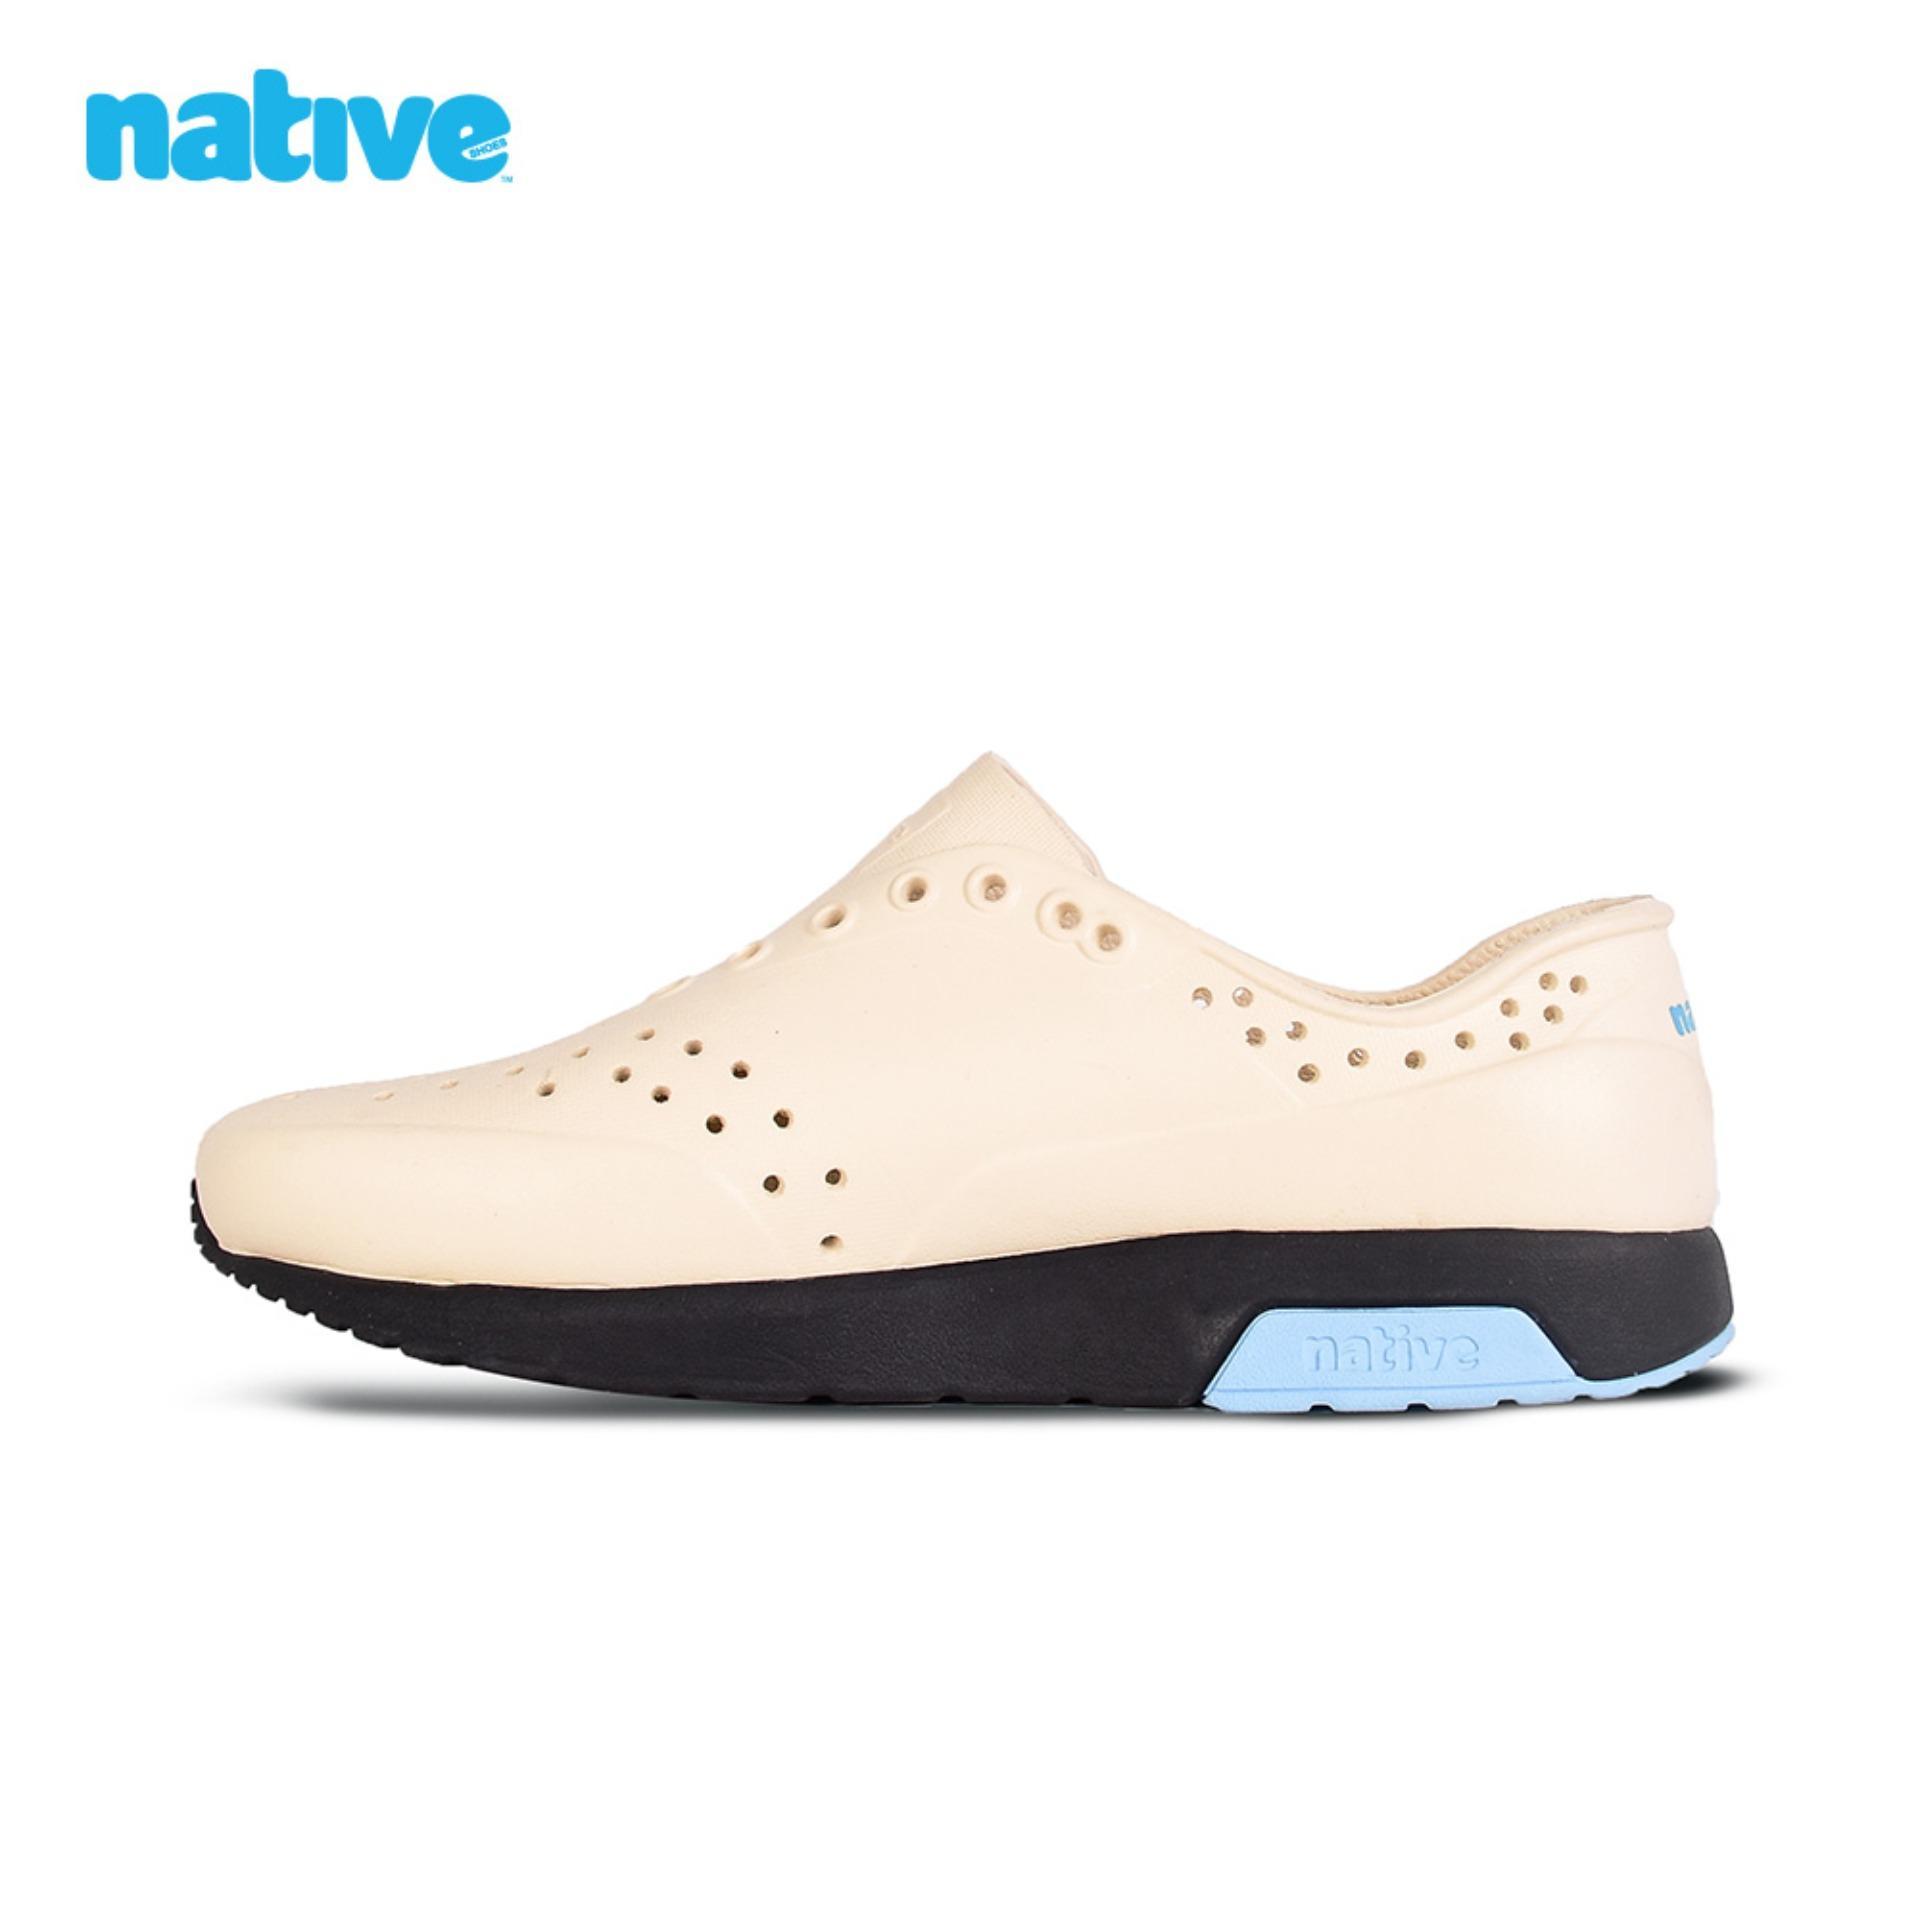 53822e97df859 Native Women's Shoes Lennox EVA